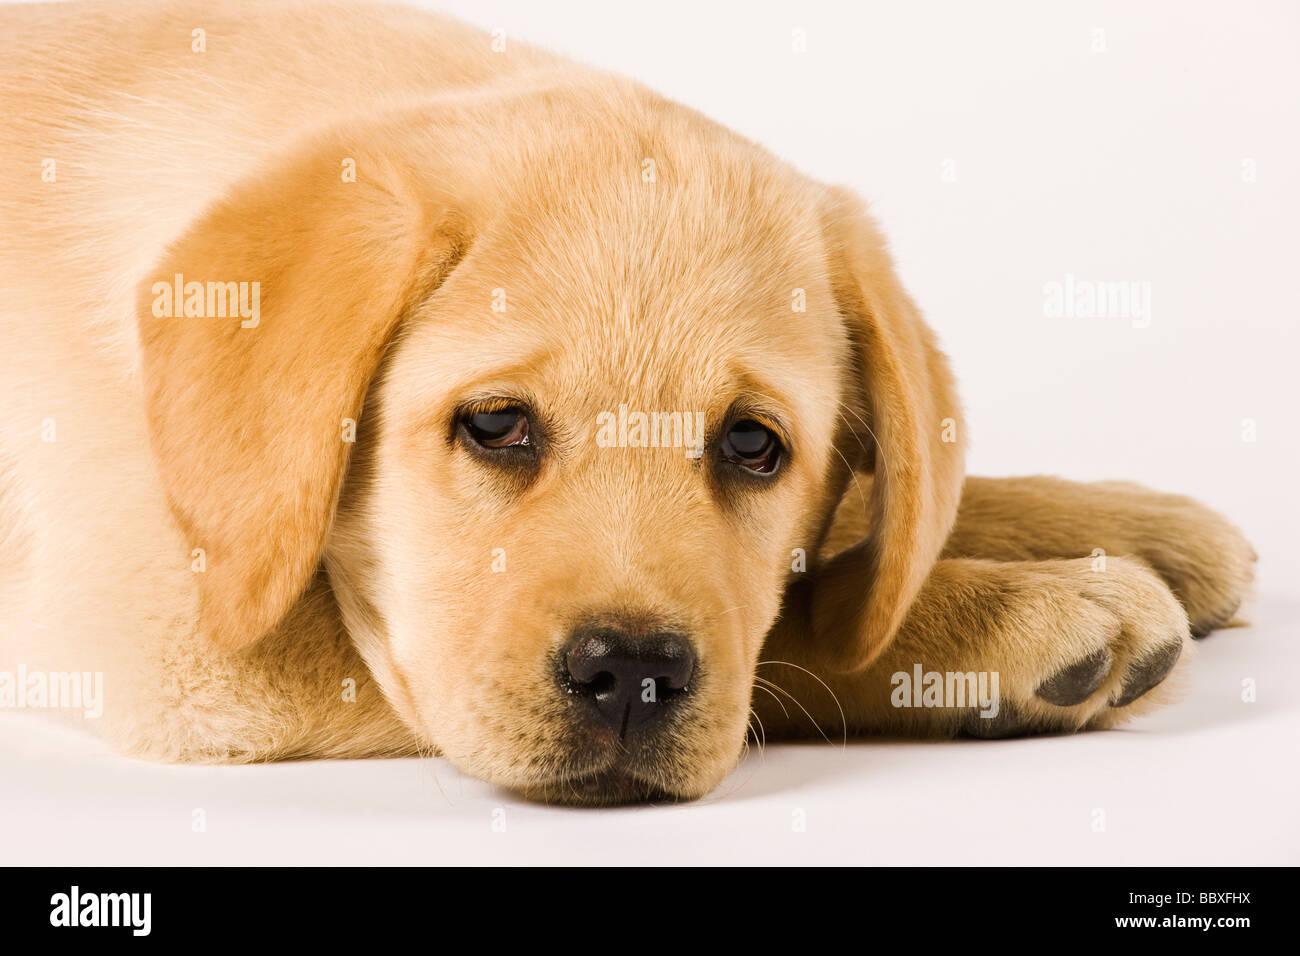 Golden Labrador Retriever cucciolo canis familiaris Close up ritratto di Labrador popolari cani di lavoro Foto Stock